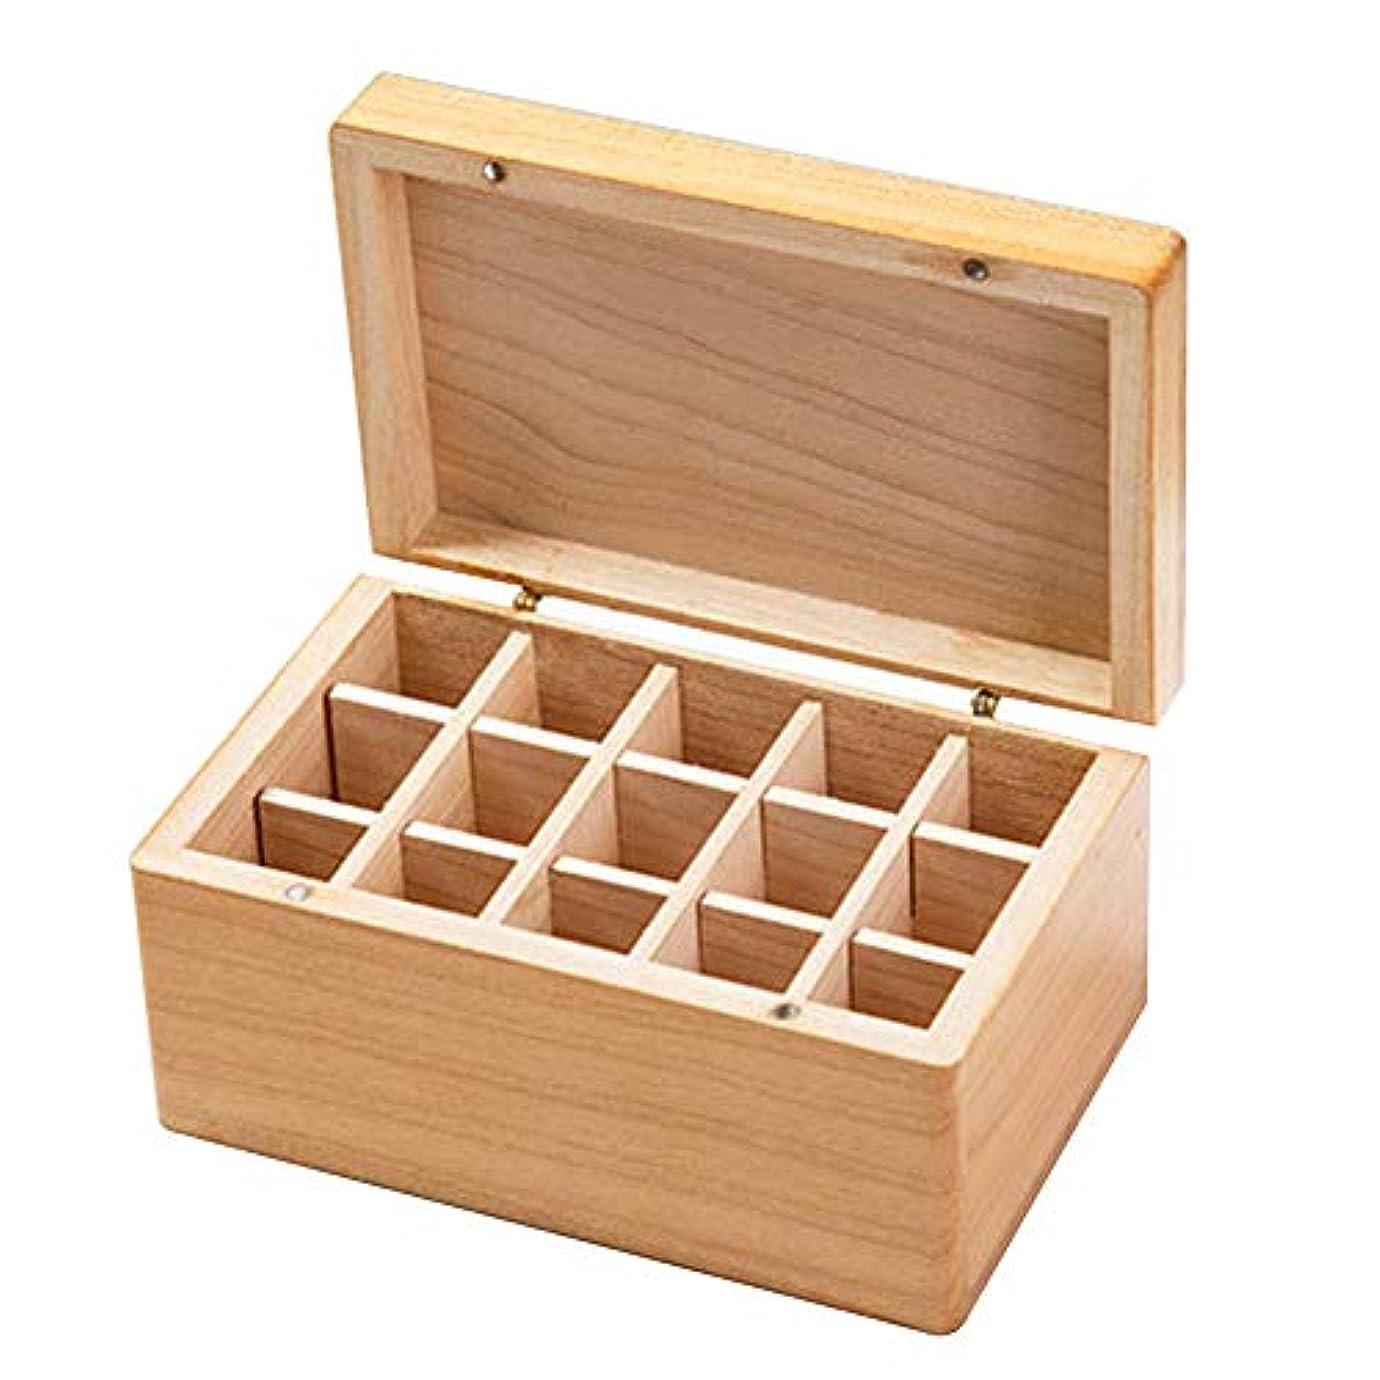 トーク仮定イデオロギーエッセンシャルオイル木製収納ボックス、天然木素材コンパートメント耐久性のあるボトル注文したグリッド構造環境に優しいディスプレイケース